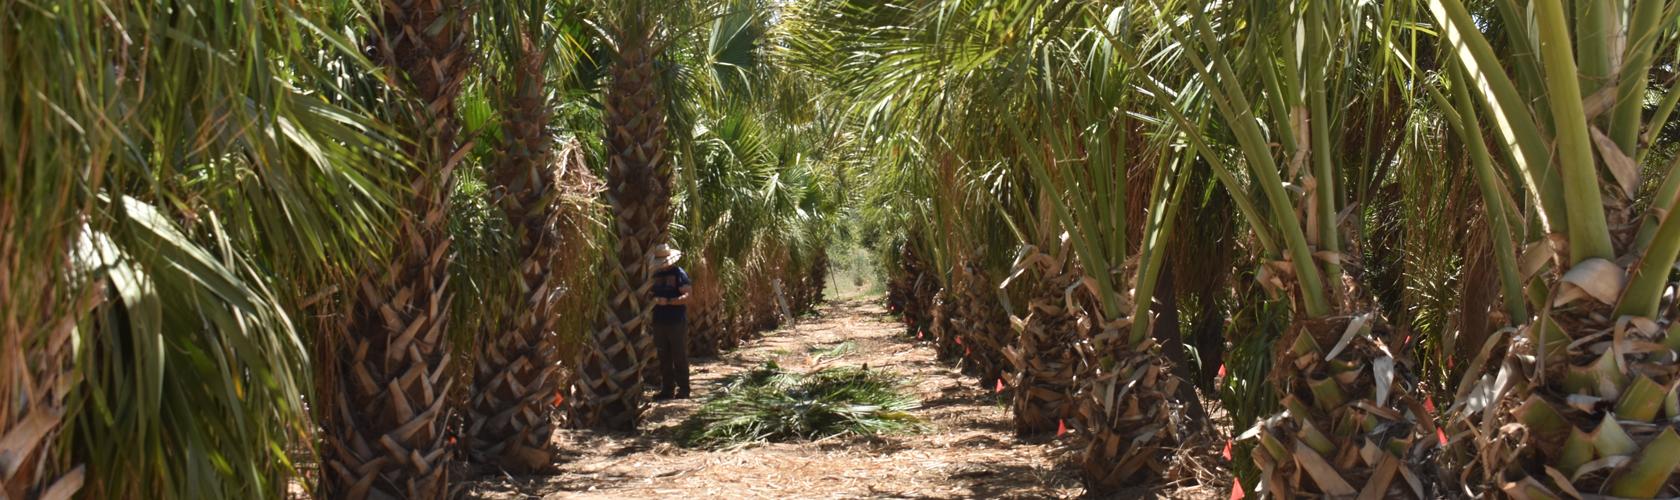 Row of Sabal palm trees at Madera grove